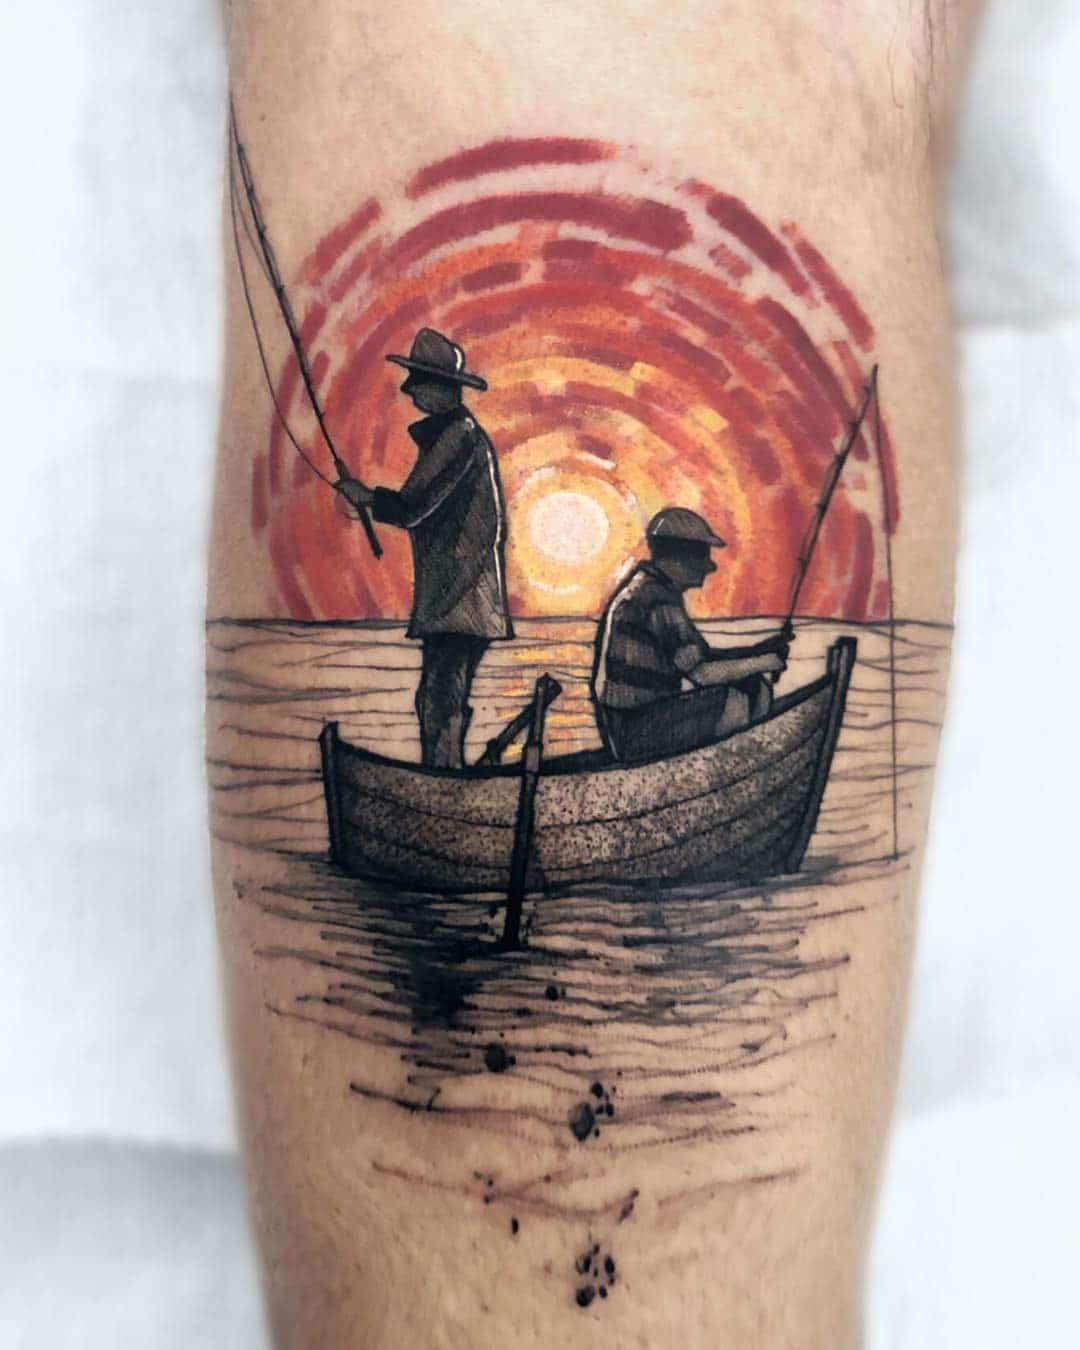 Funny Tattoos Fails _ Funny Tattoos